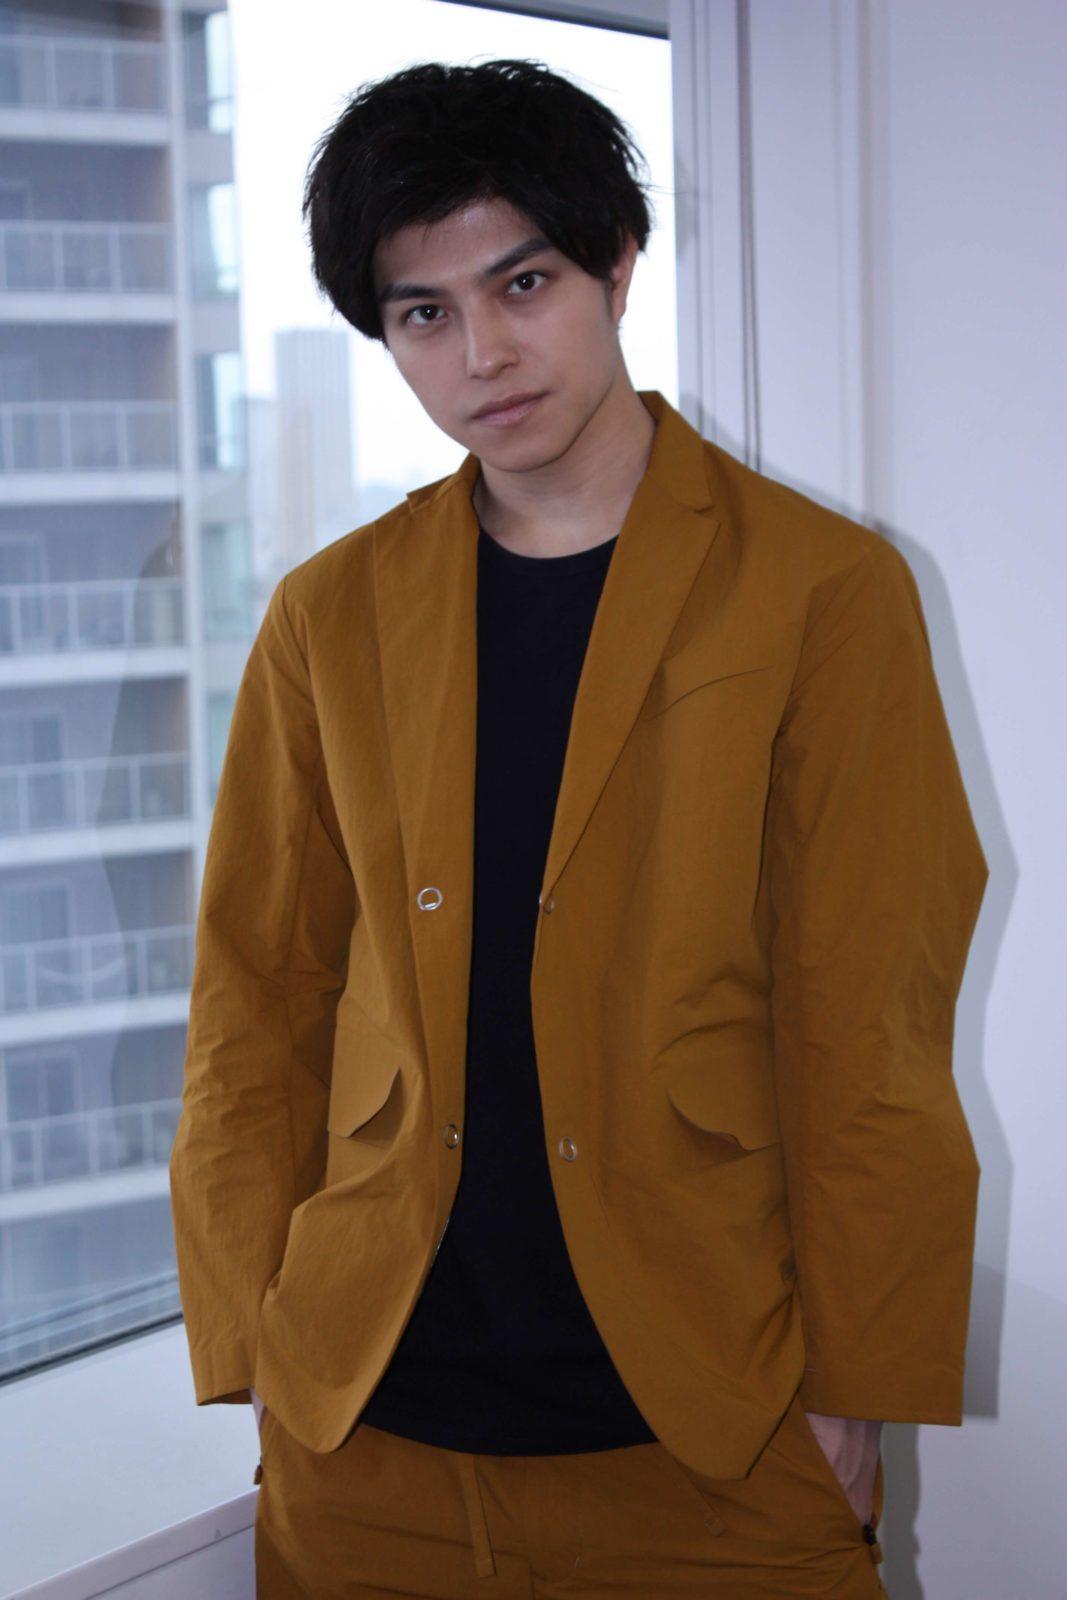 ドラマ『向かいのバズる家族』で内田理央の弟を演じる那智、初出演ドラマとこれからについて語る画像99437